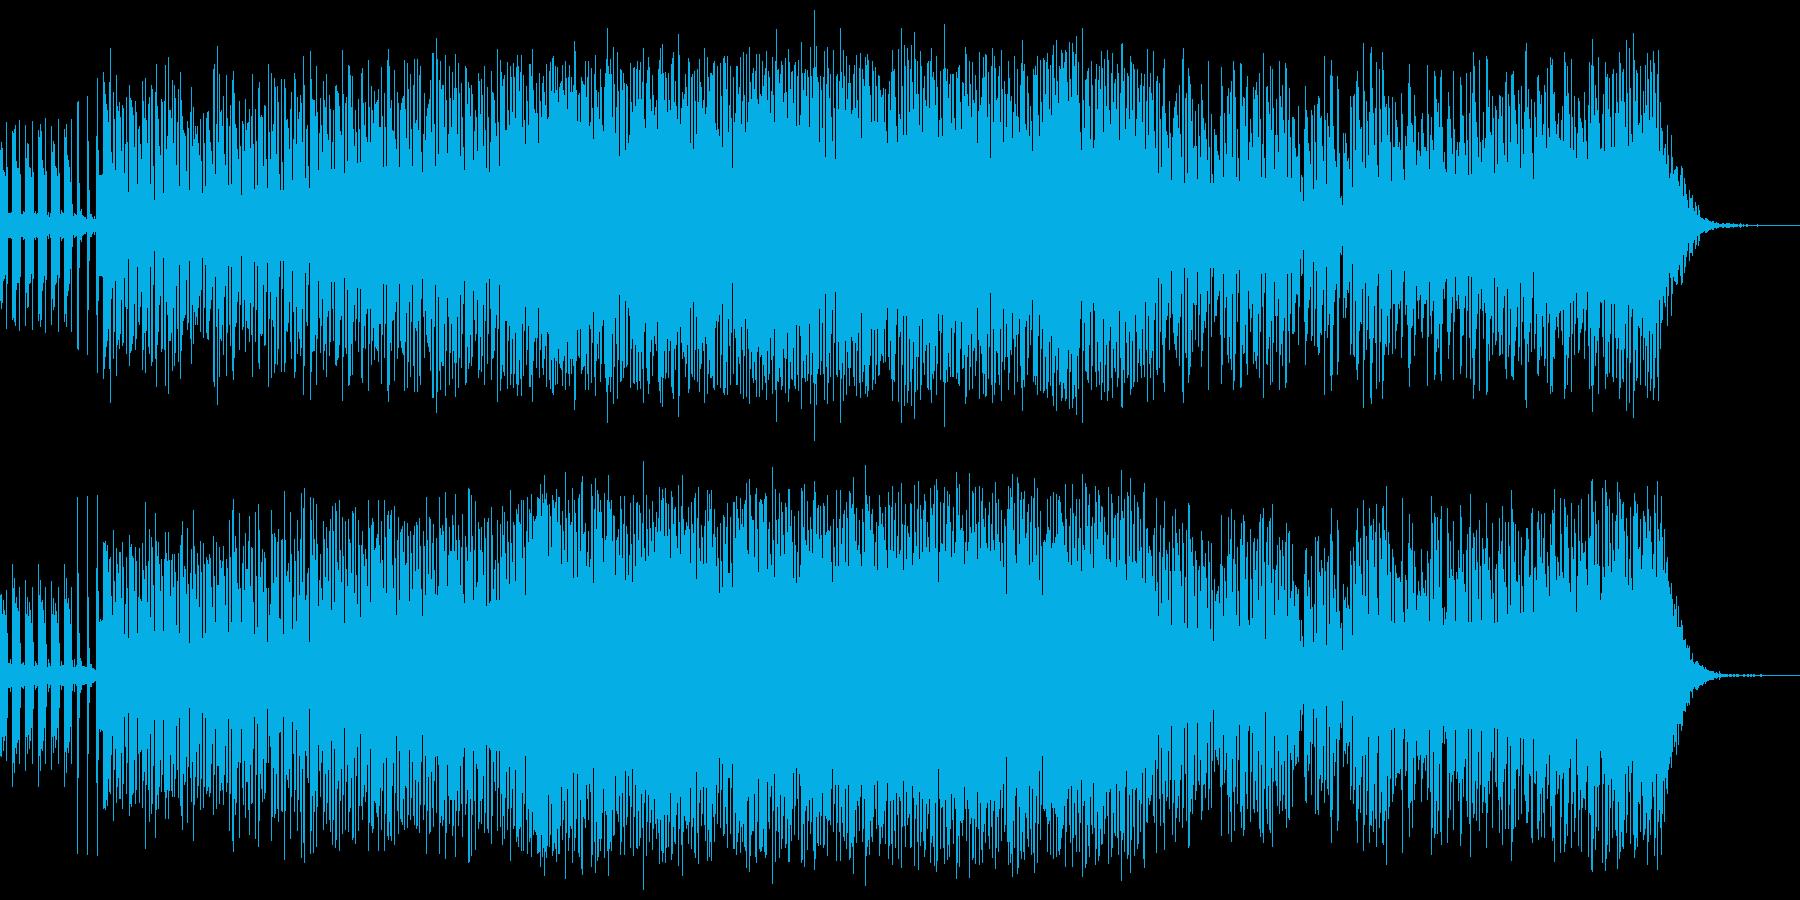 ノリが良くて楽しくカッコいいエレクトロ曲の再生済みの波形